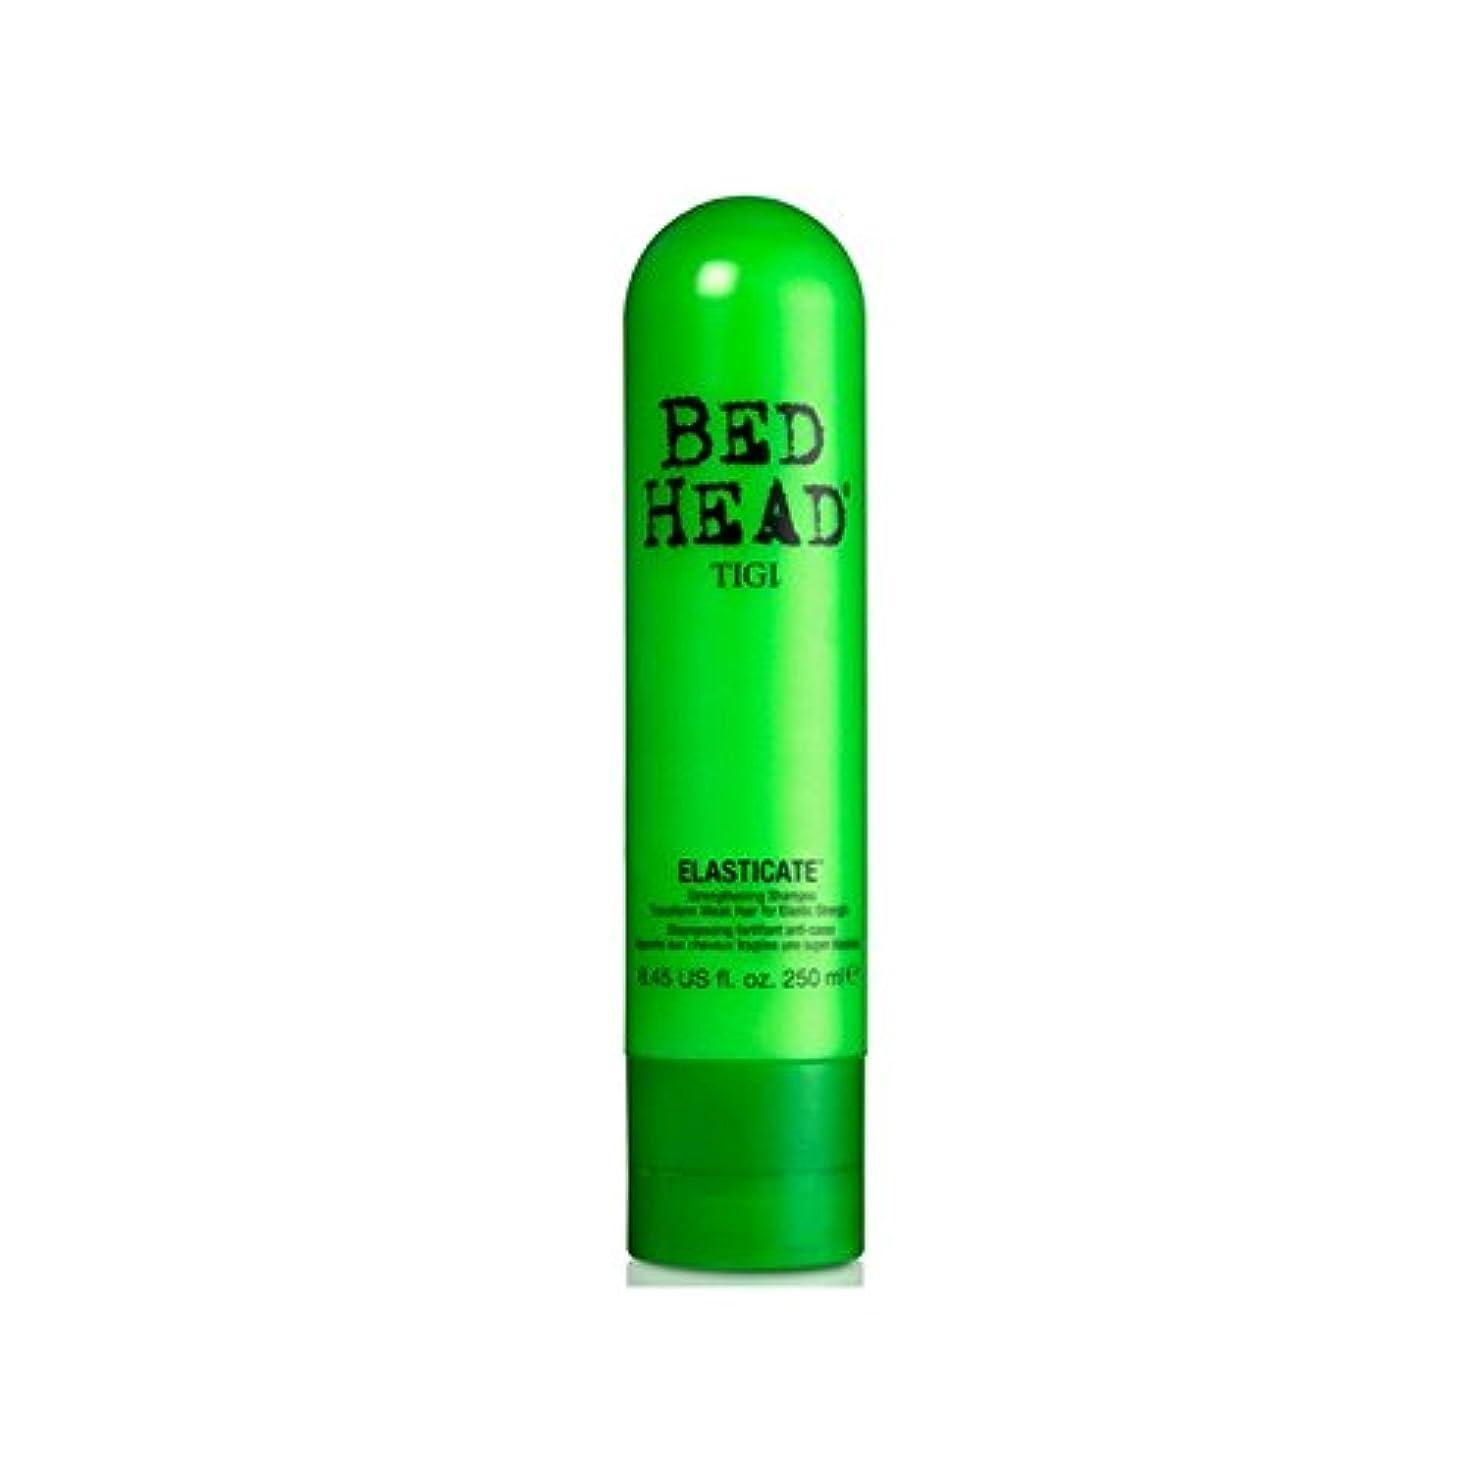 干渉サークルジャーナルTigi Bed Head Elasticate Shampoo (250ml) - ティジーベッドヘッドシャンプー(250ミリリットル) [並行輸入品]